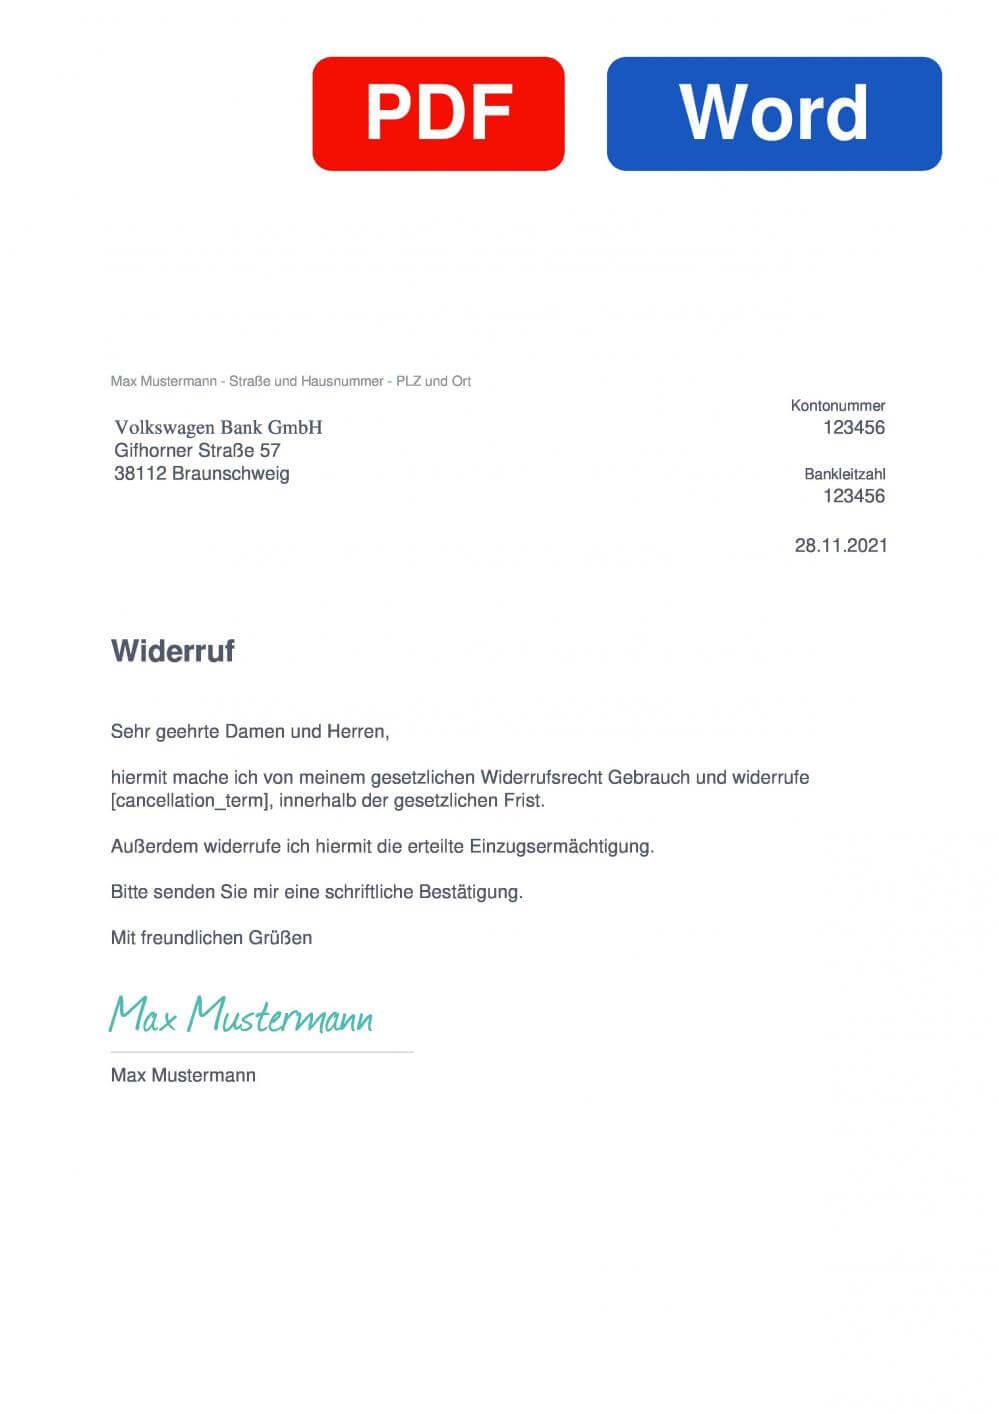 Volkswagen Bank Muster Vorlage für Wiederrufsschreiben